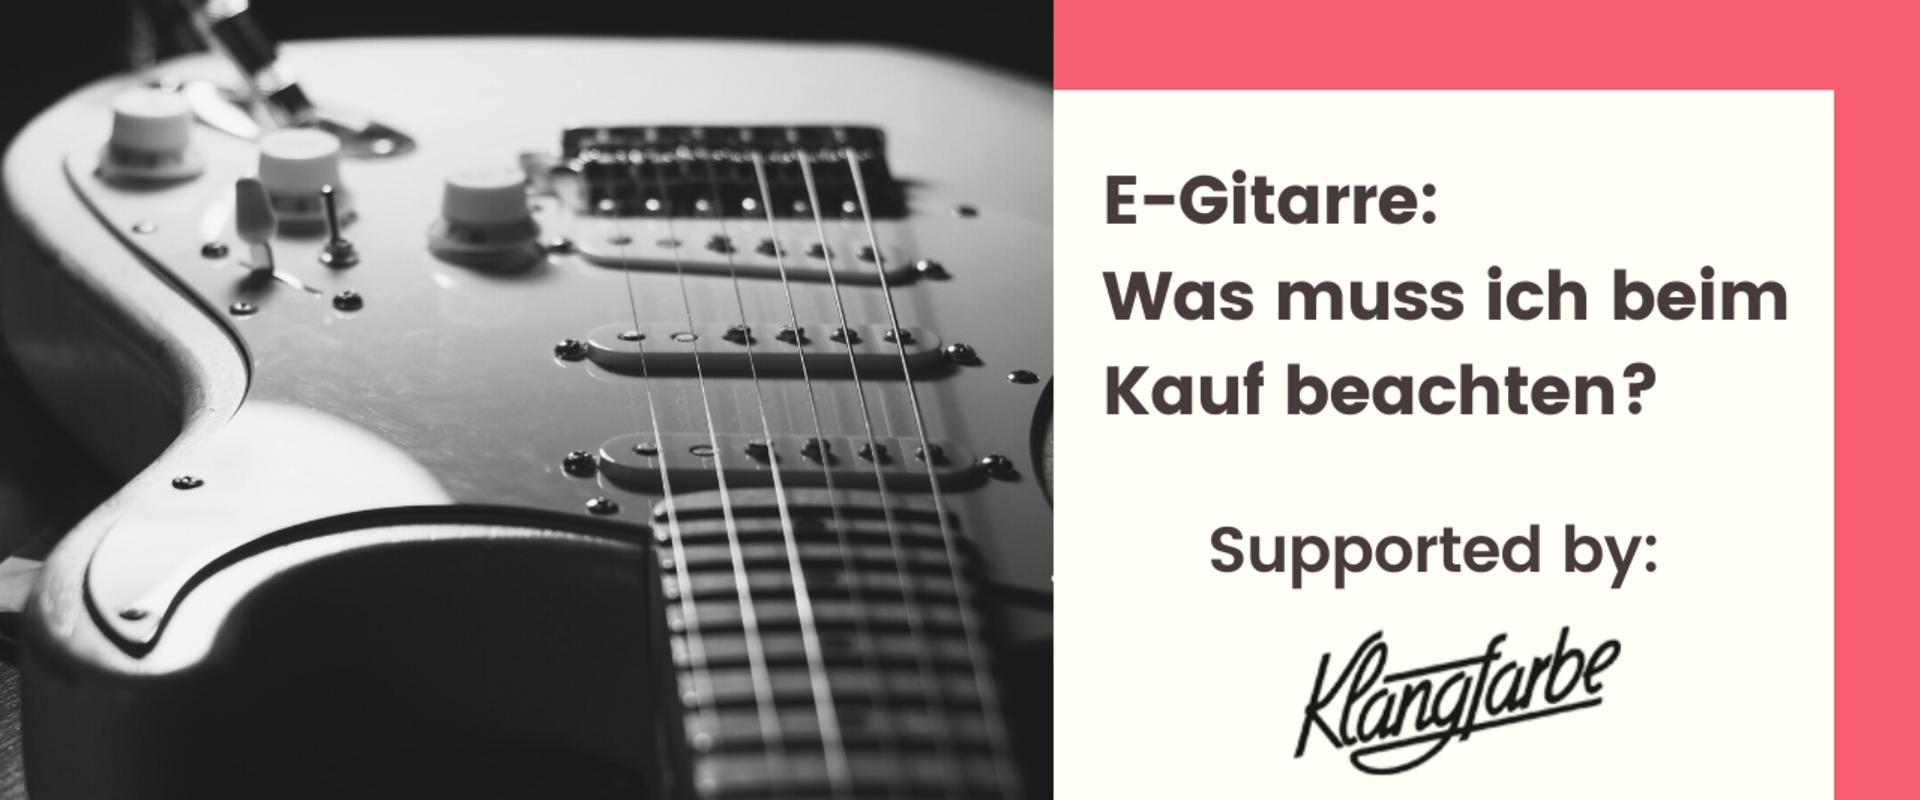 Titelbild des Blogartikels E-Gitarre: was muss ich beim Kauf beachten?